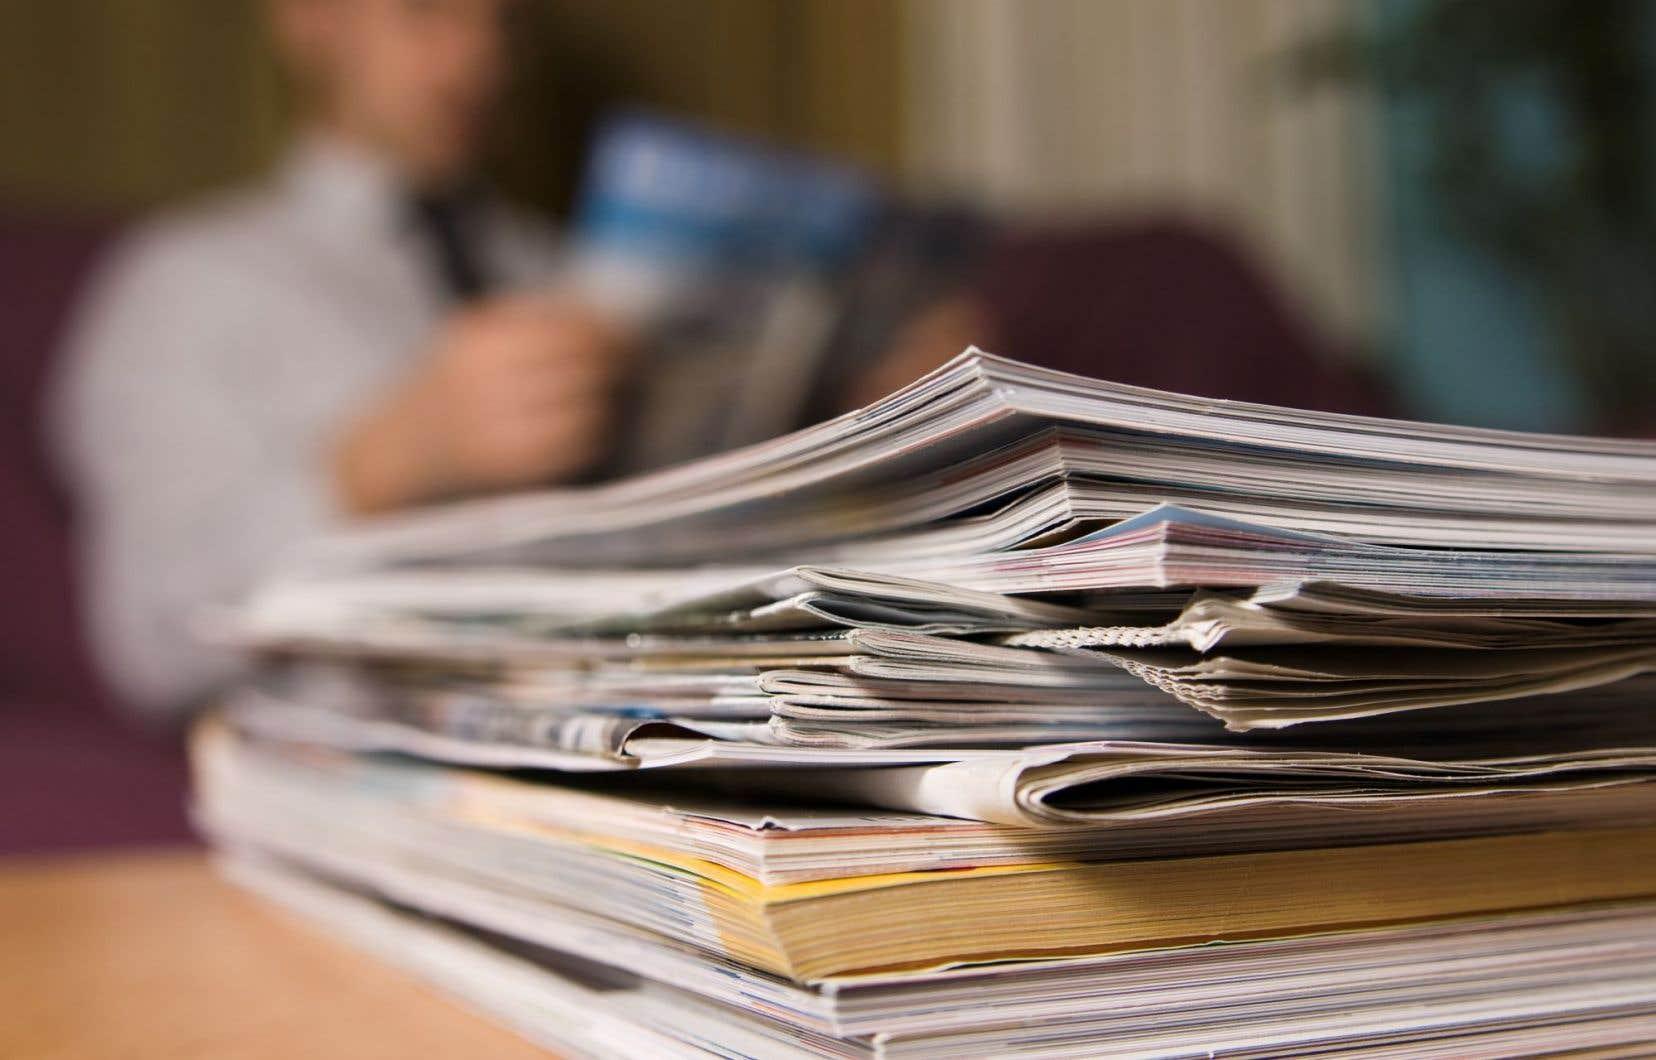 Les tumultes des dernières décennies ont occasionné une reconfiguration du paysage médiatique.